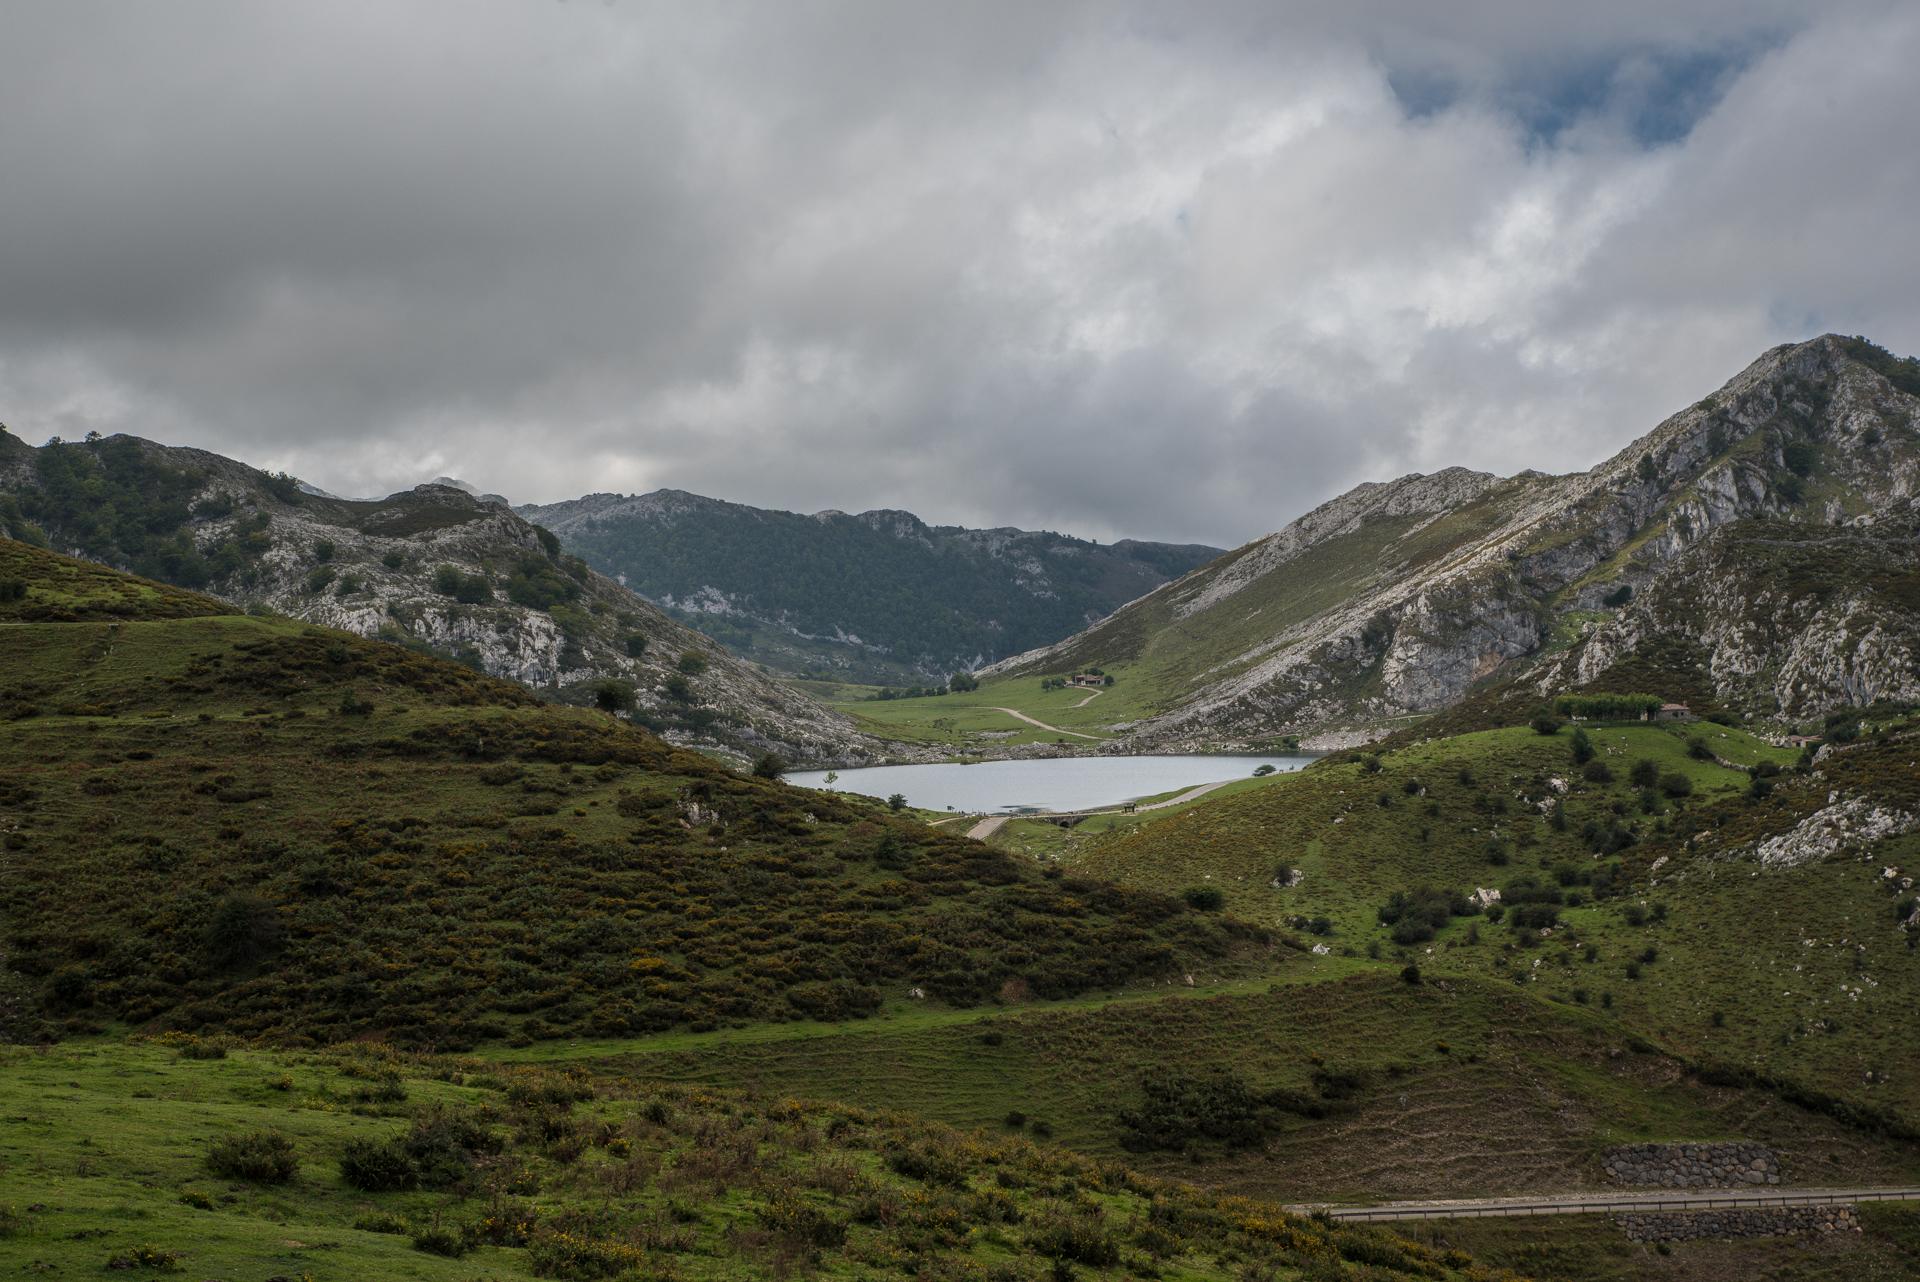 Lago La Ercia - Mirador de la Príncipe - Covadonga